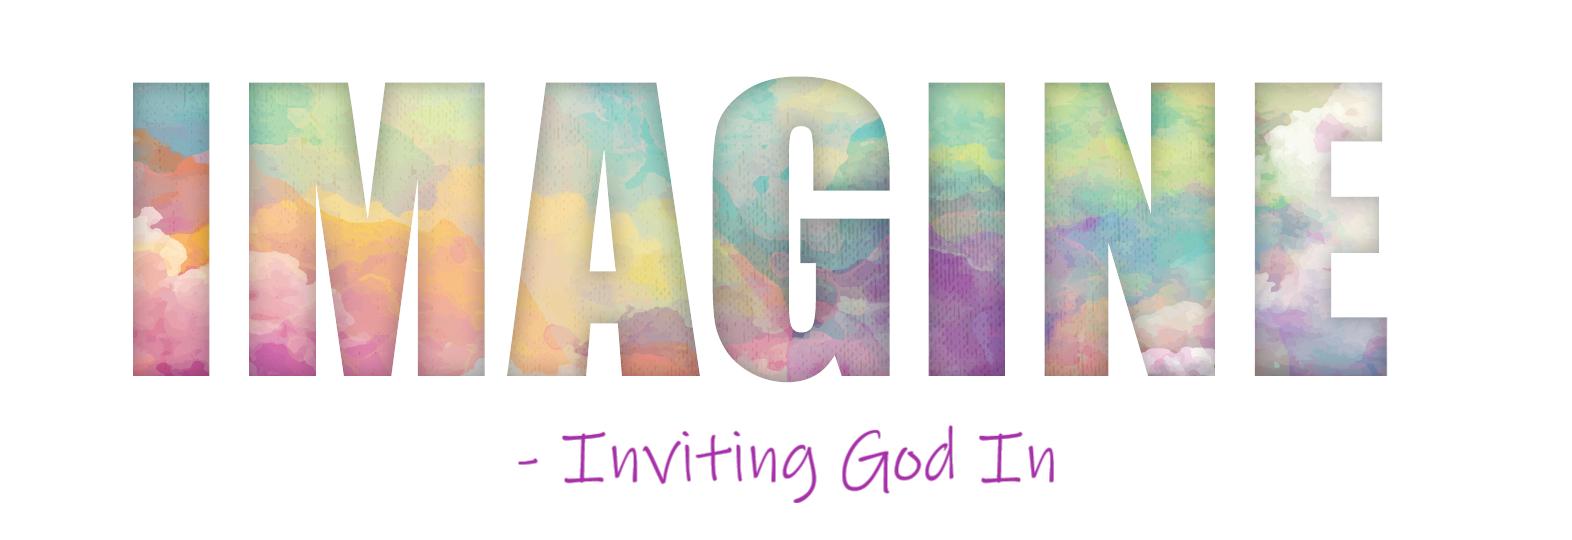 Imagine - Inviting God In